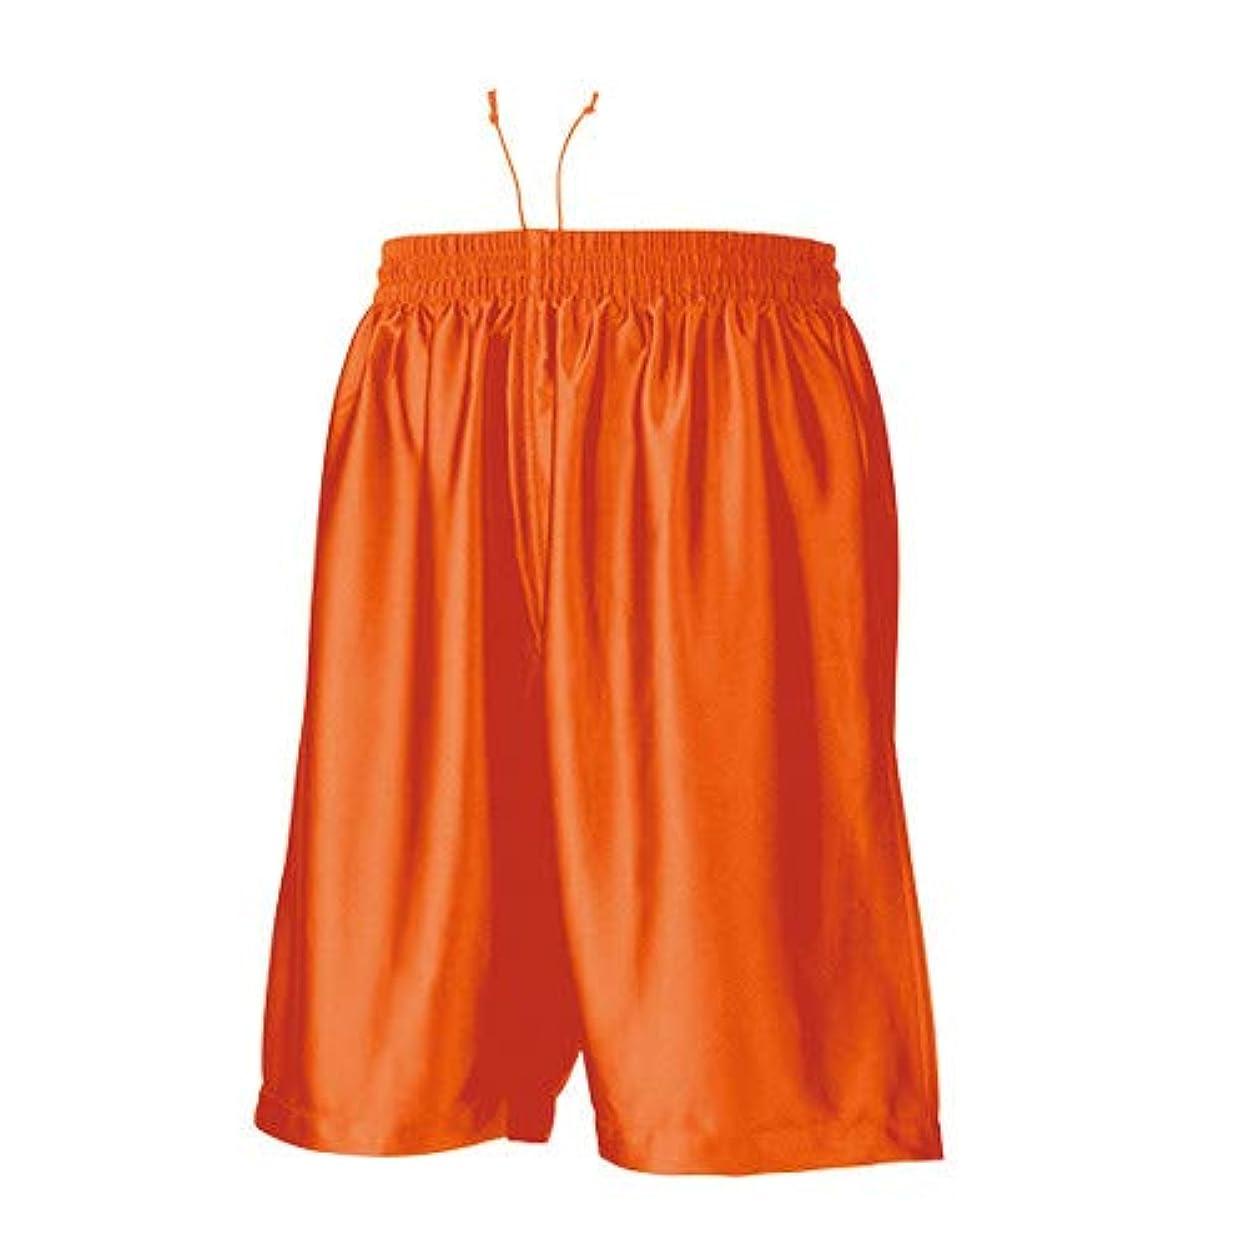 毎日規模休日にprime style 全11色 バスケパンツ バスケットウェア 無地 ユニホームベース ジュニアからXXLまで